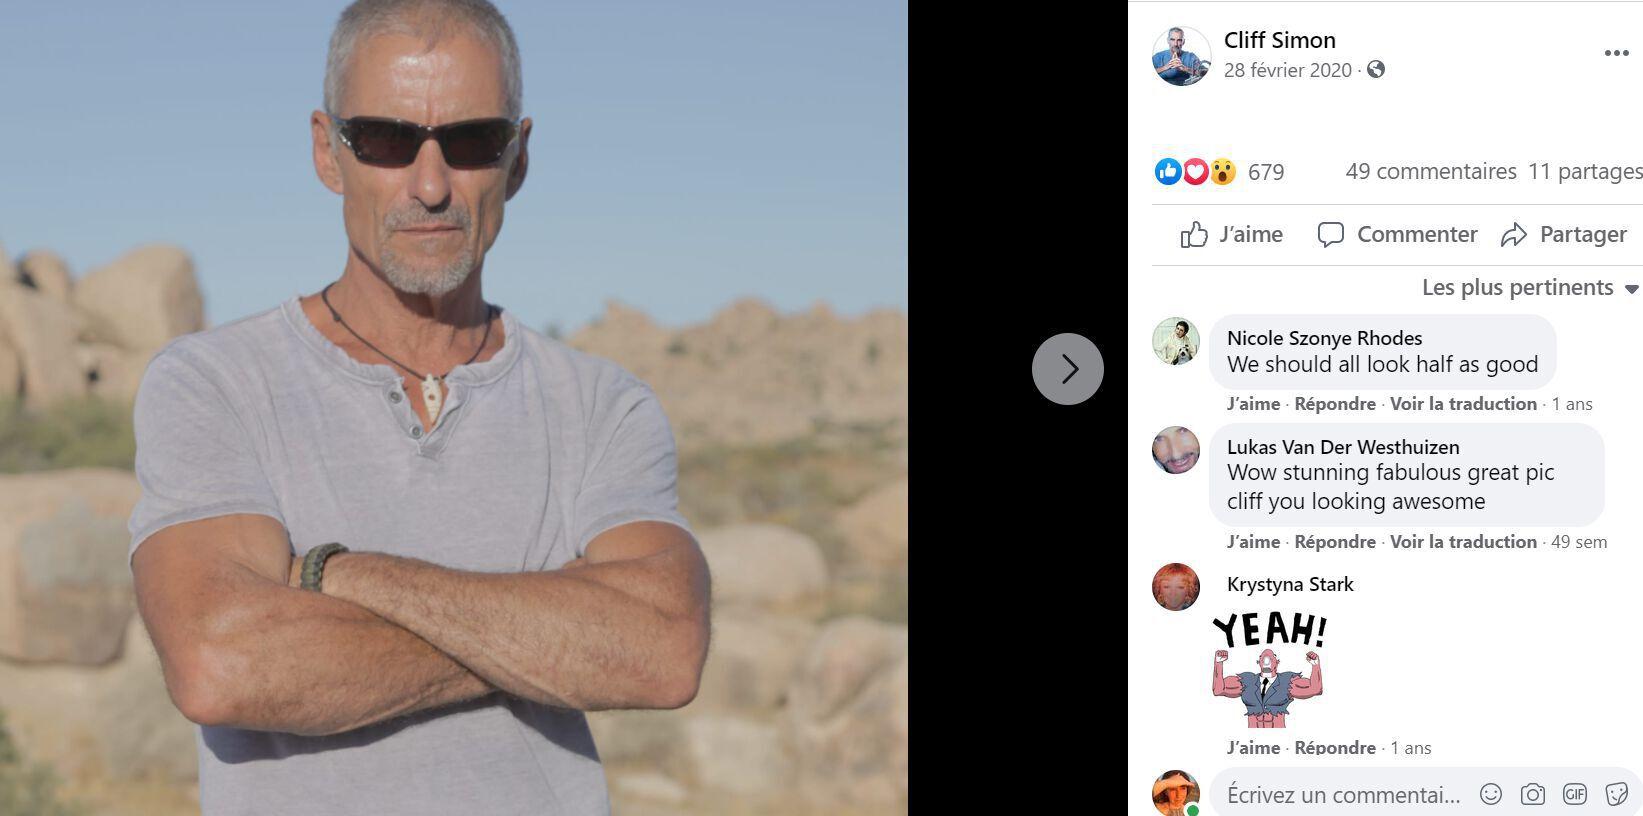 https www telestar fr people cliff simon acteur dans la serie stargate sg 1 est mort dans un accident de kitesurf a 58 ans 585528